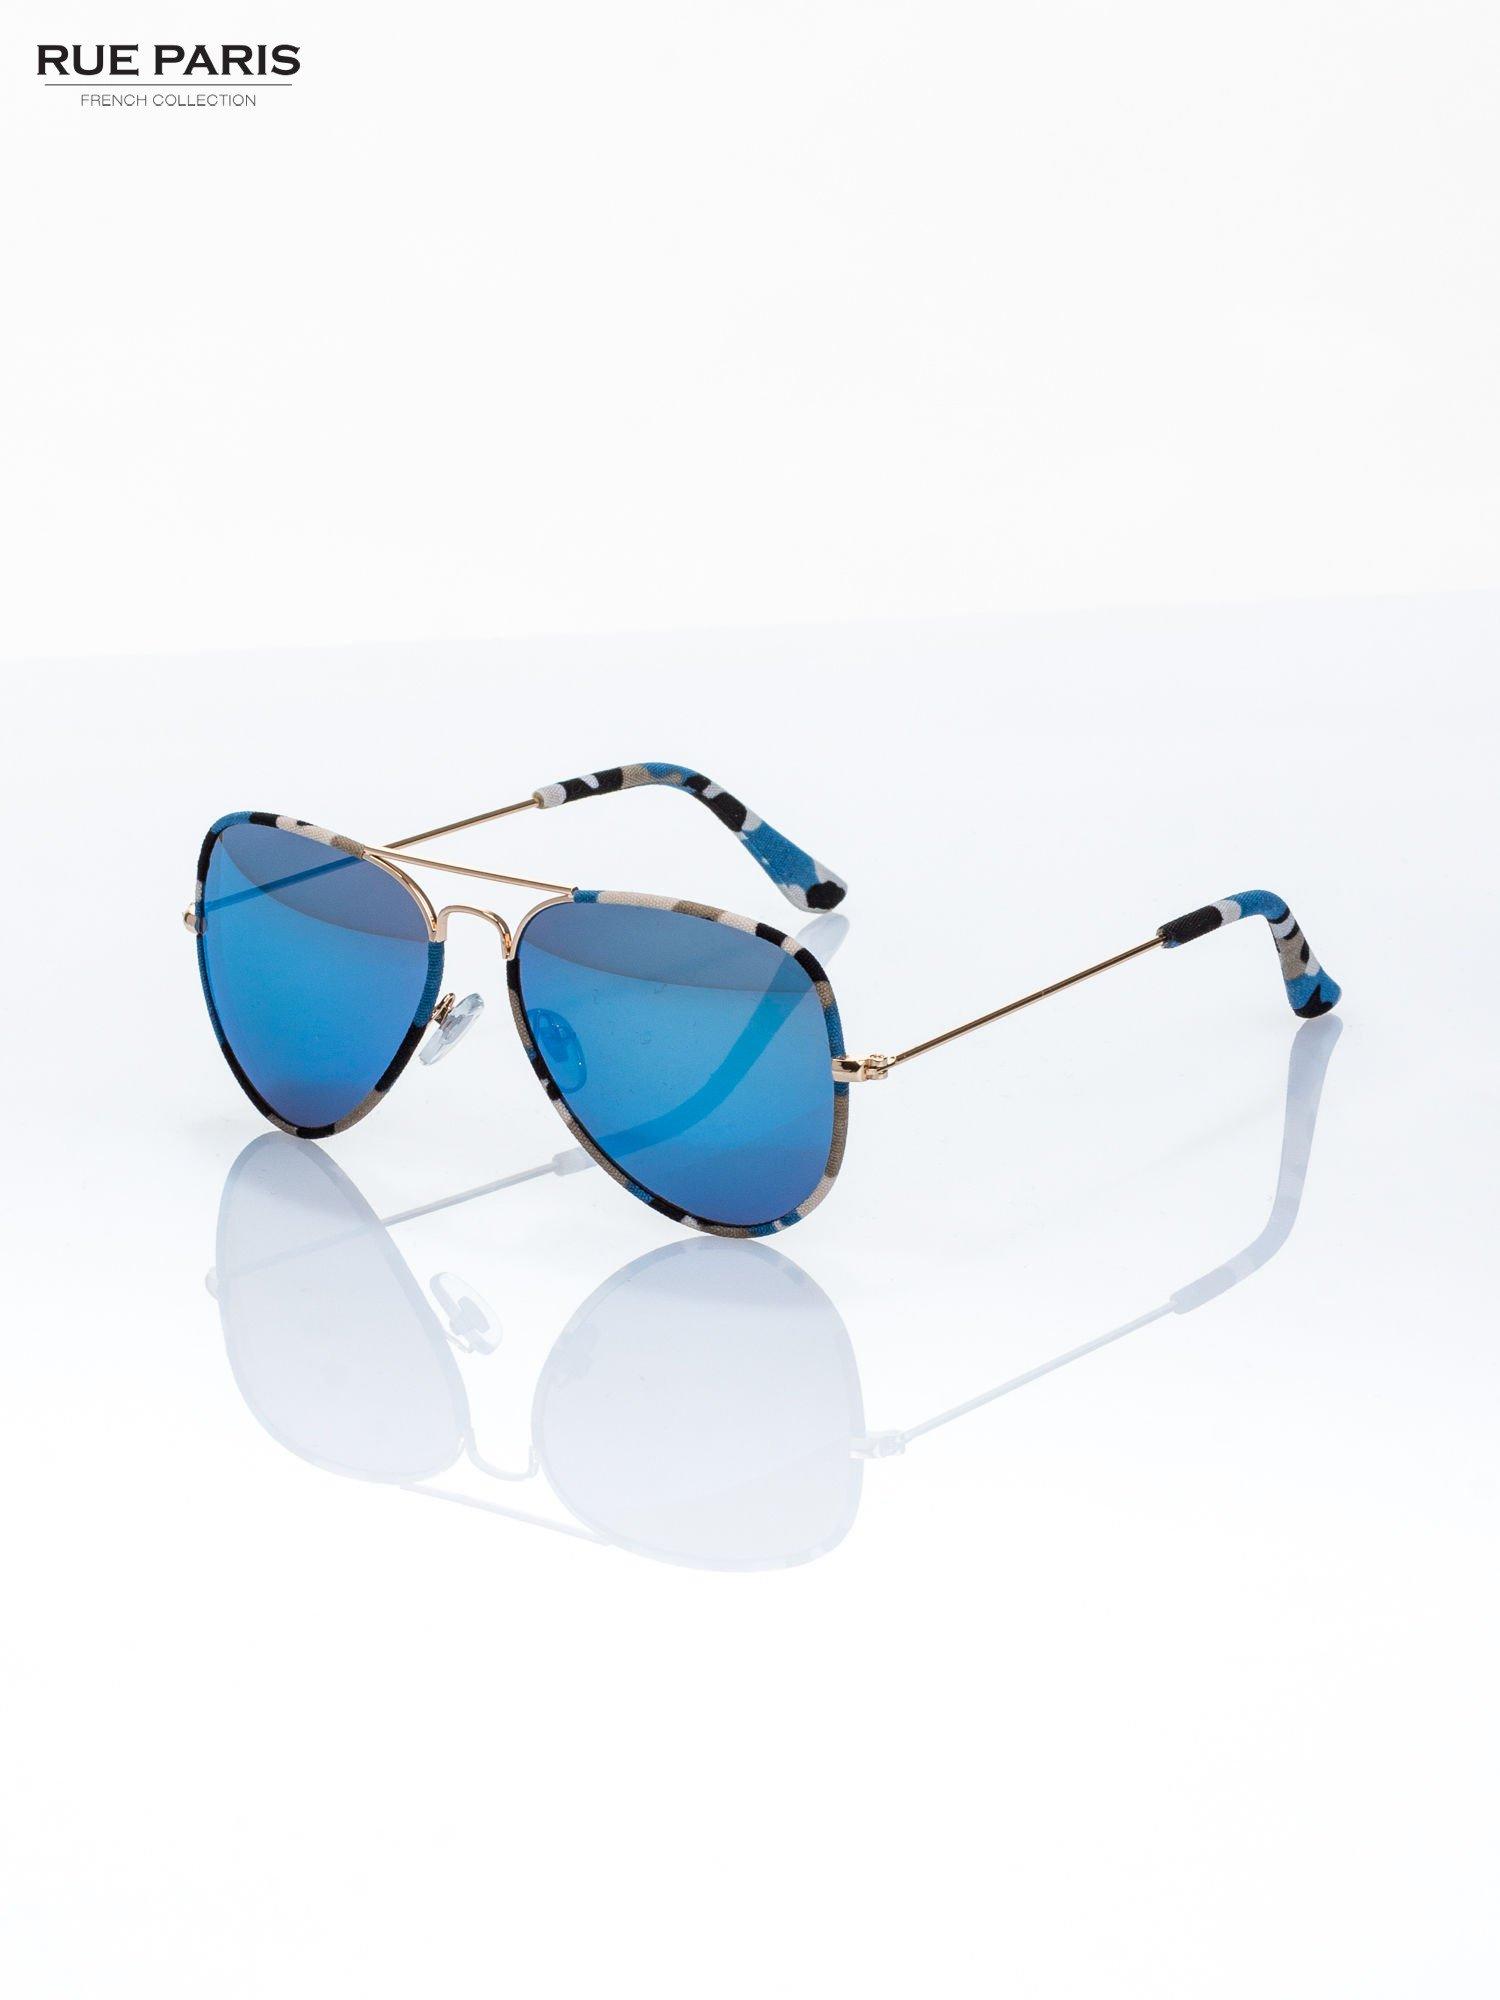 Błękitne moro okulary przeciwsłoneczne pilotki                                  zdj.                                  1